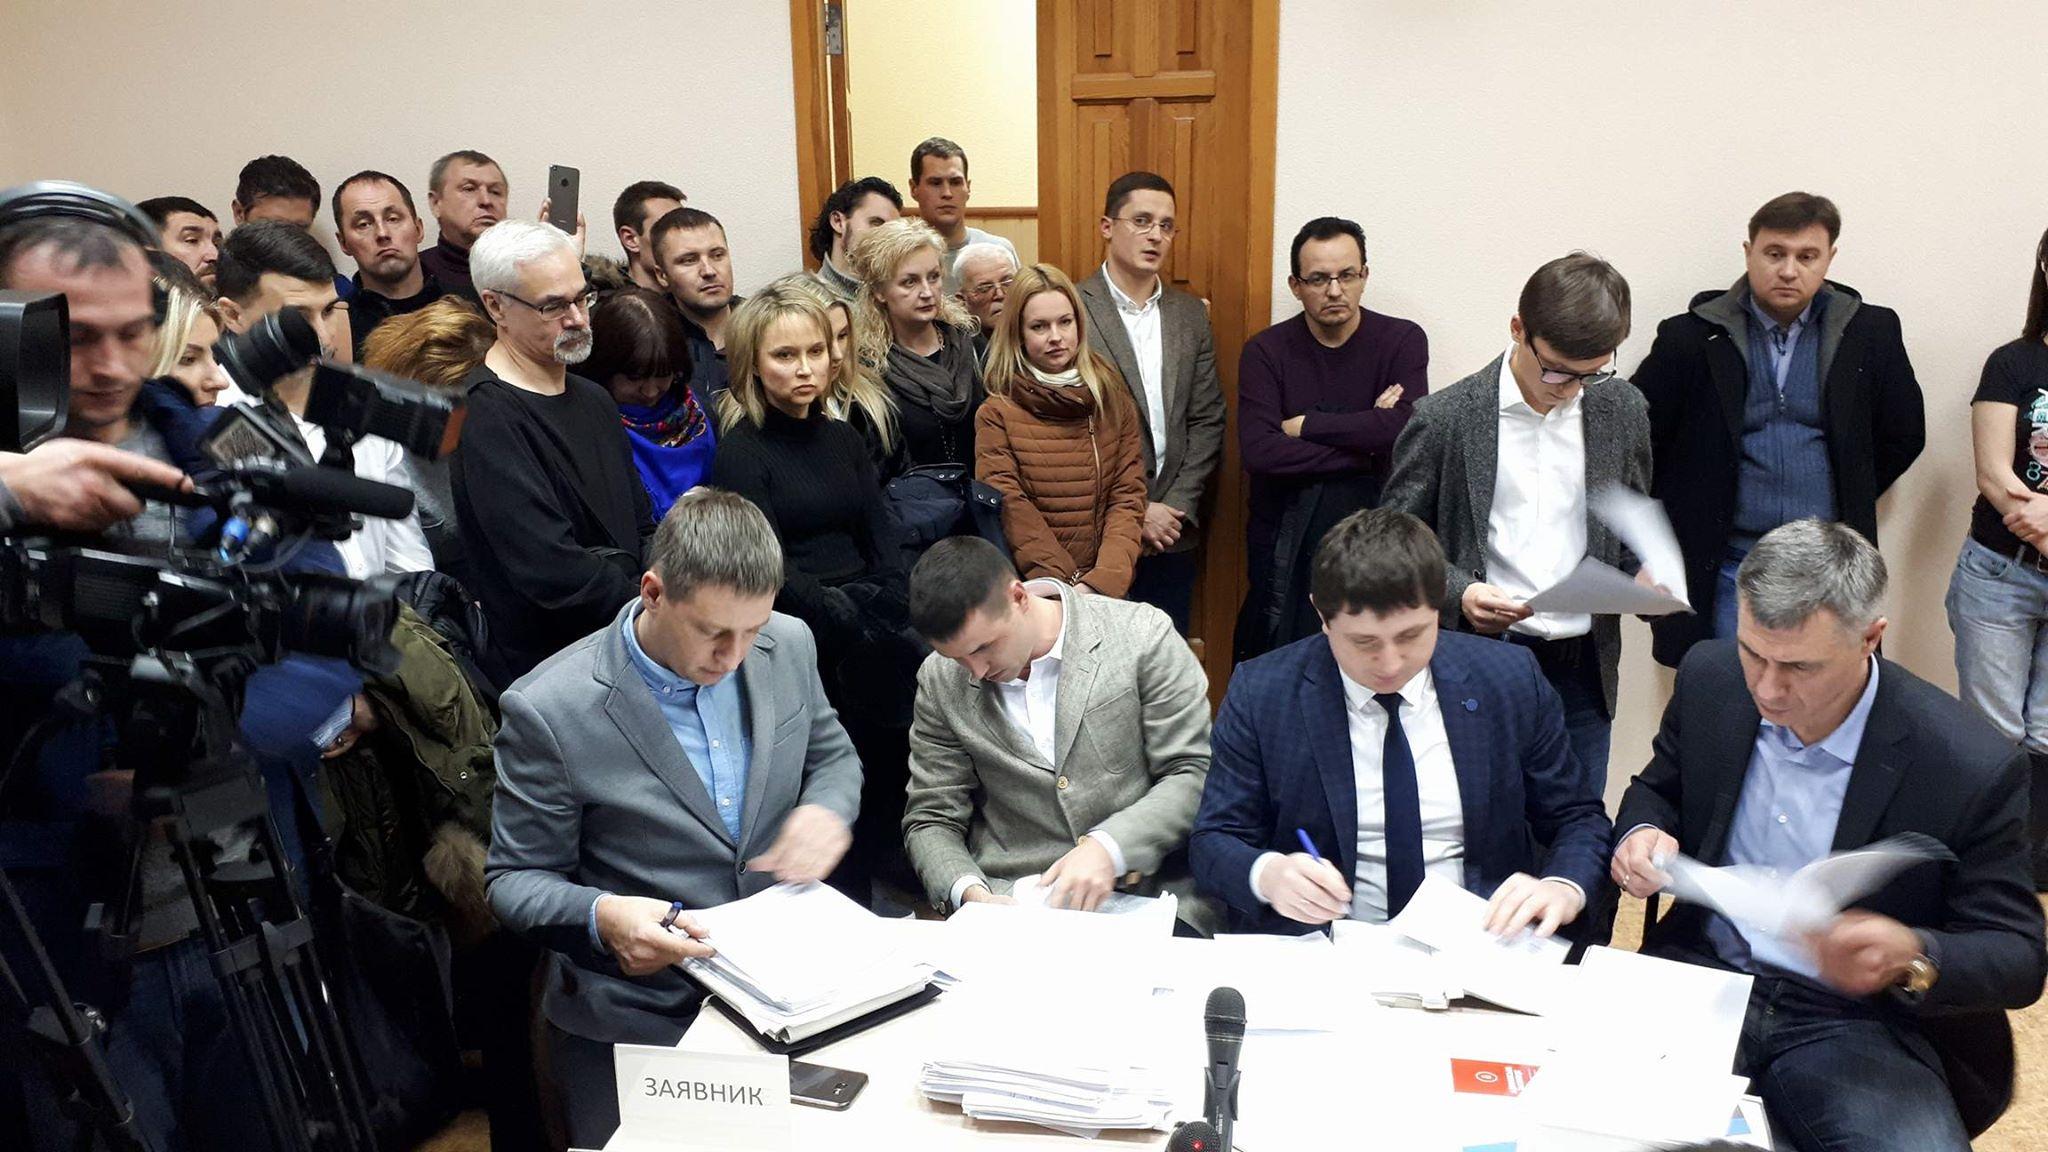 Суд изменил меру пресечения заместителю председателя Запорожской ОГА